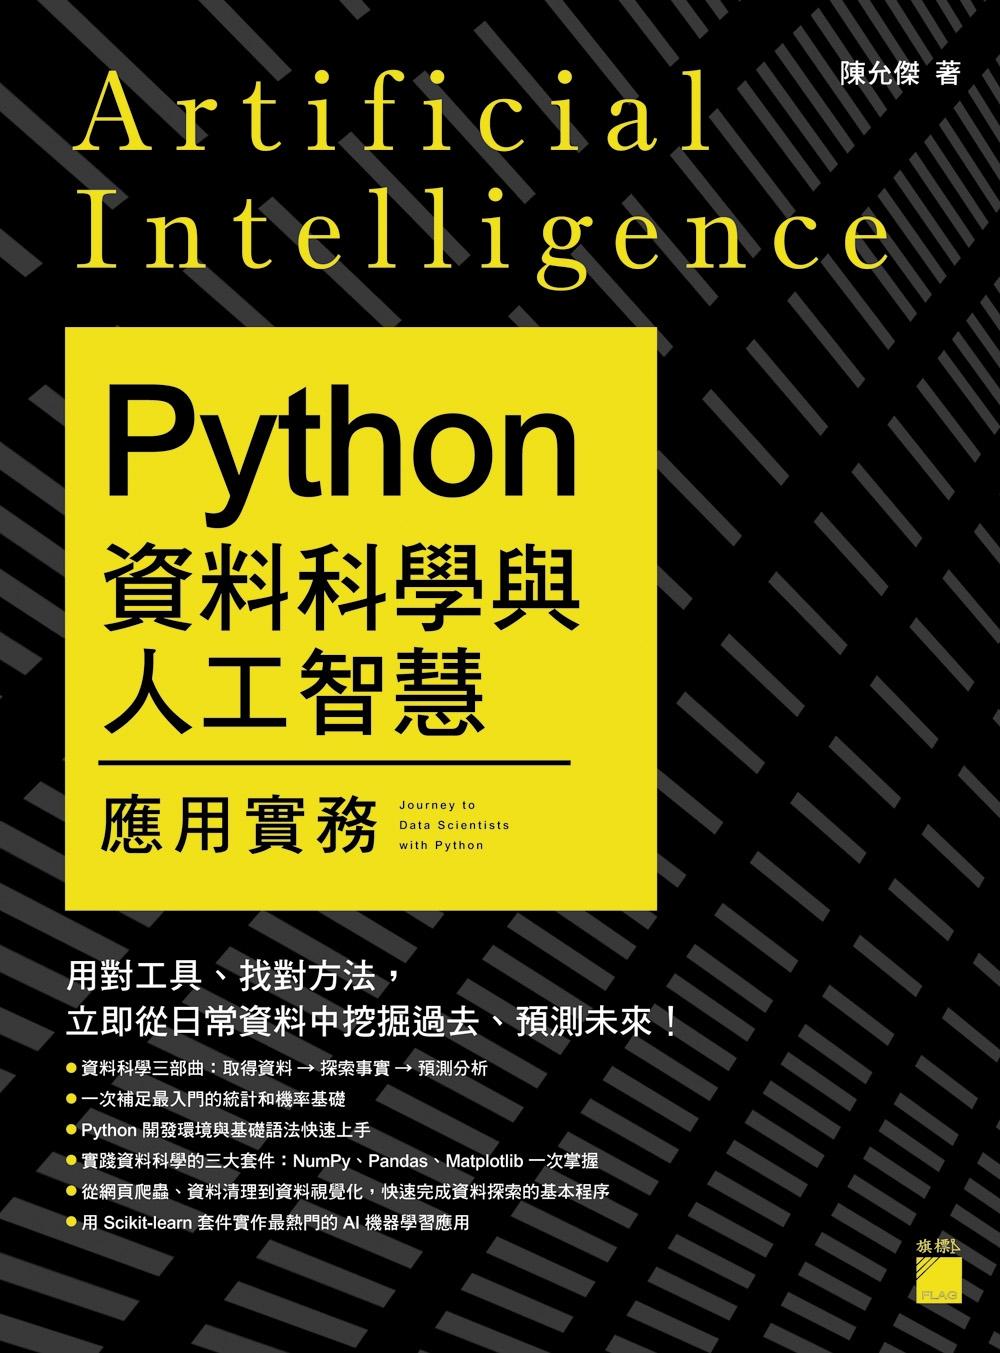 Python 資料科學與人工智慧應用實務